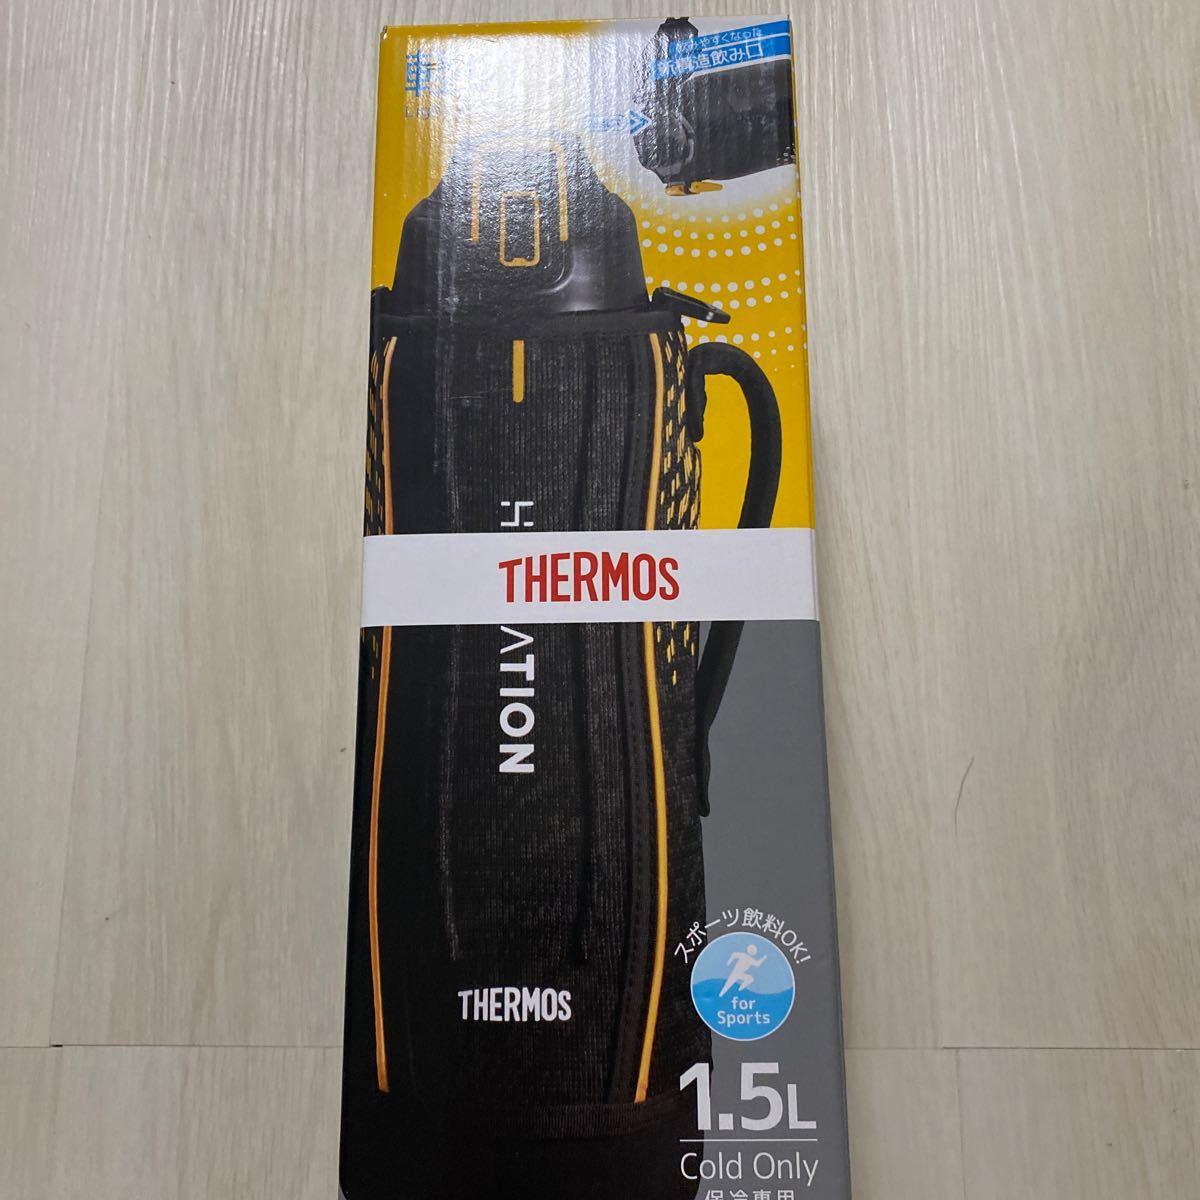 真空断熱スポーツボトル 1.5L(ブラックオレンジ)FHT-1501F BKOR